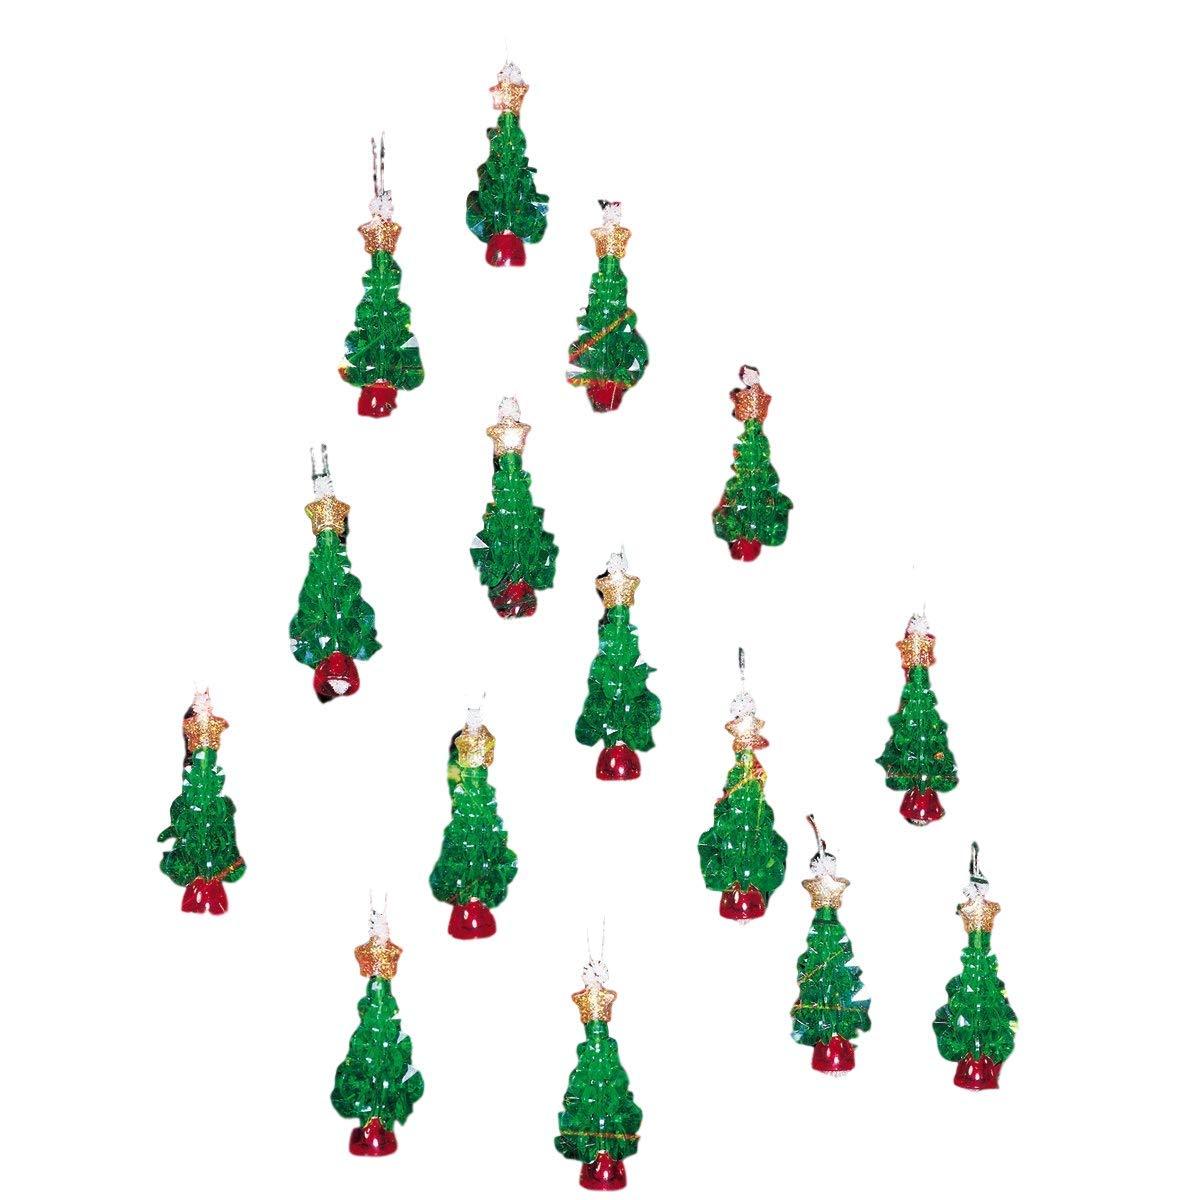 Beadery Holiday Beaded Ornament Kit, 2.25-Inch, Mini Trees, Makes 24 Ornaments BOK-5498